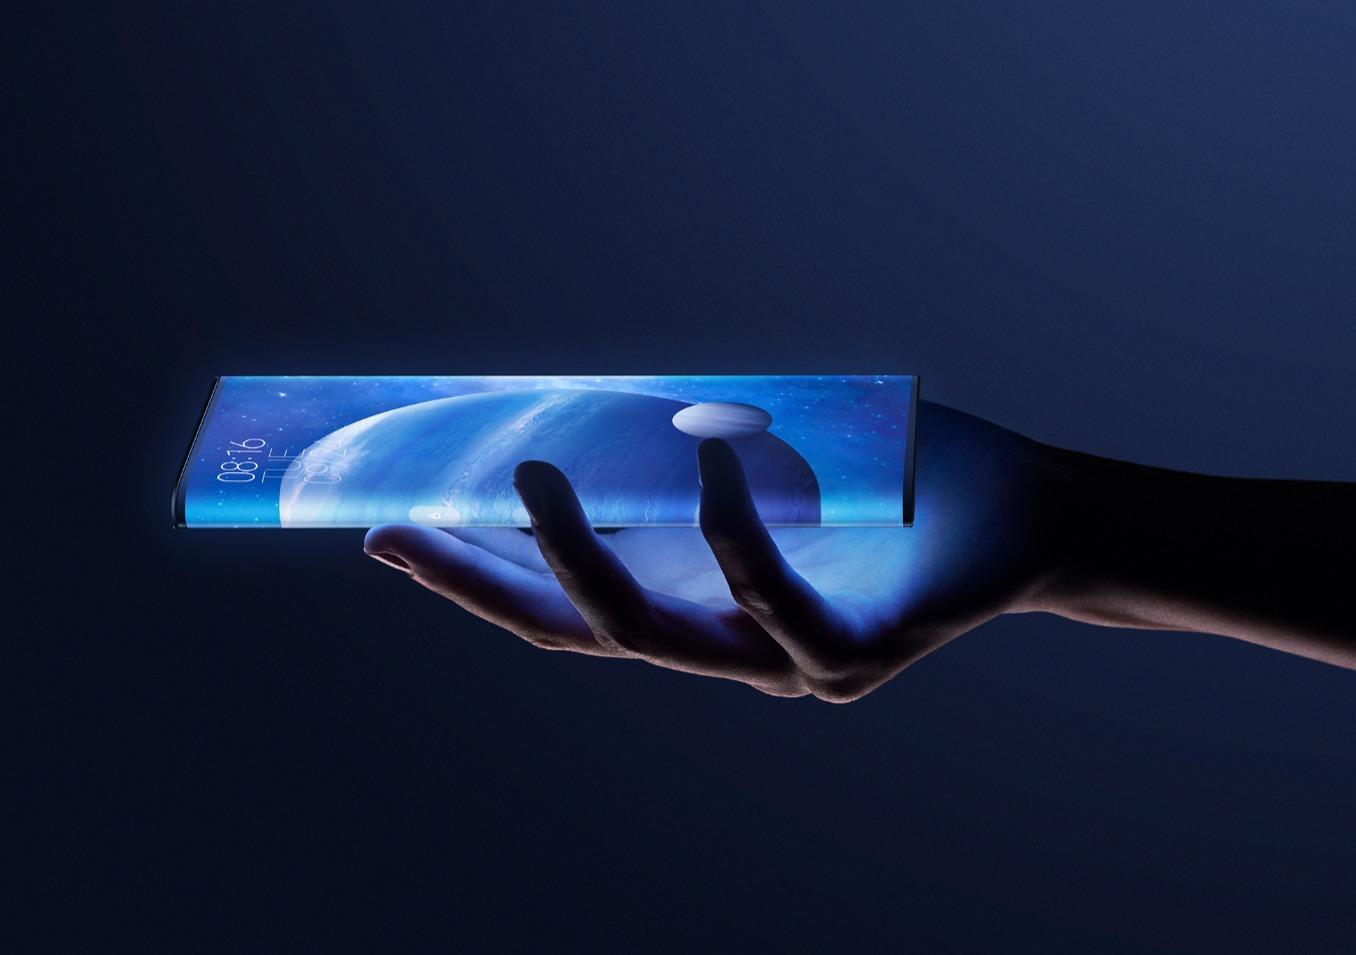 Nächster Schlag für Huawei: Google zwingt Hersteller zu Google-Apps-Branding